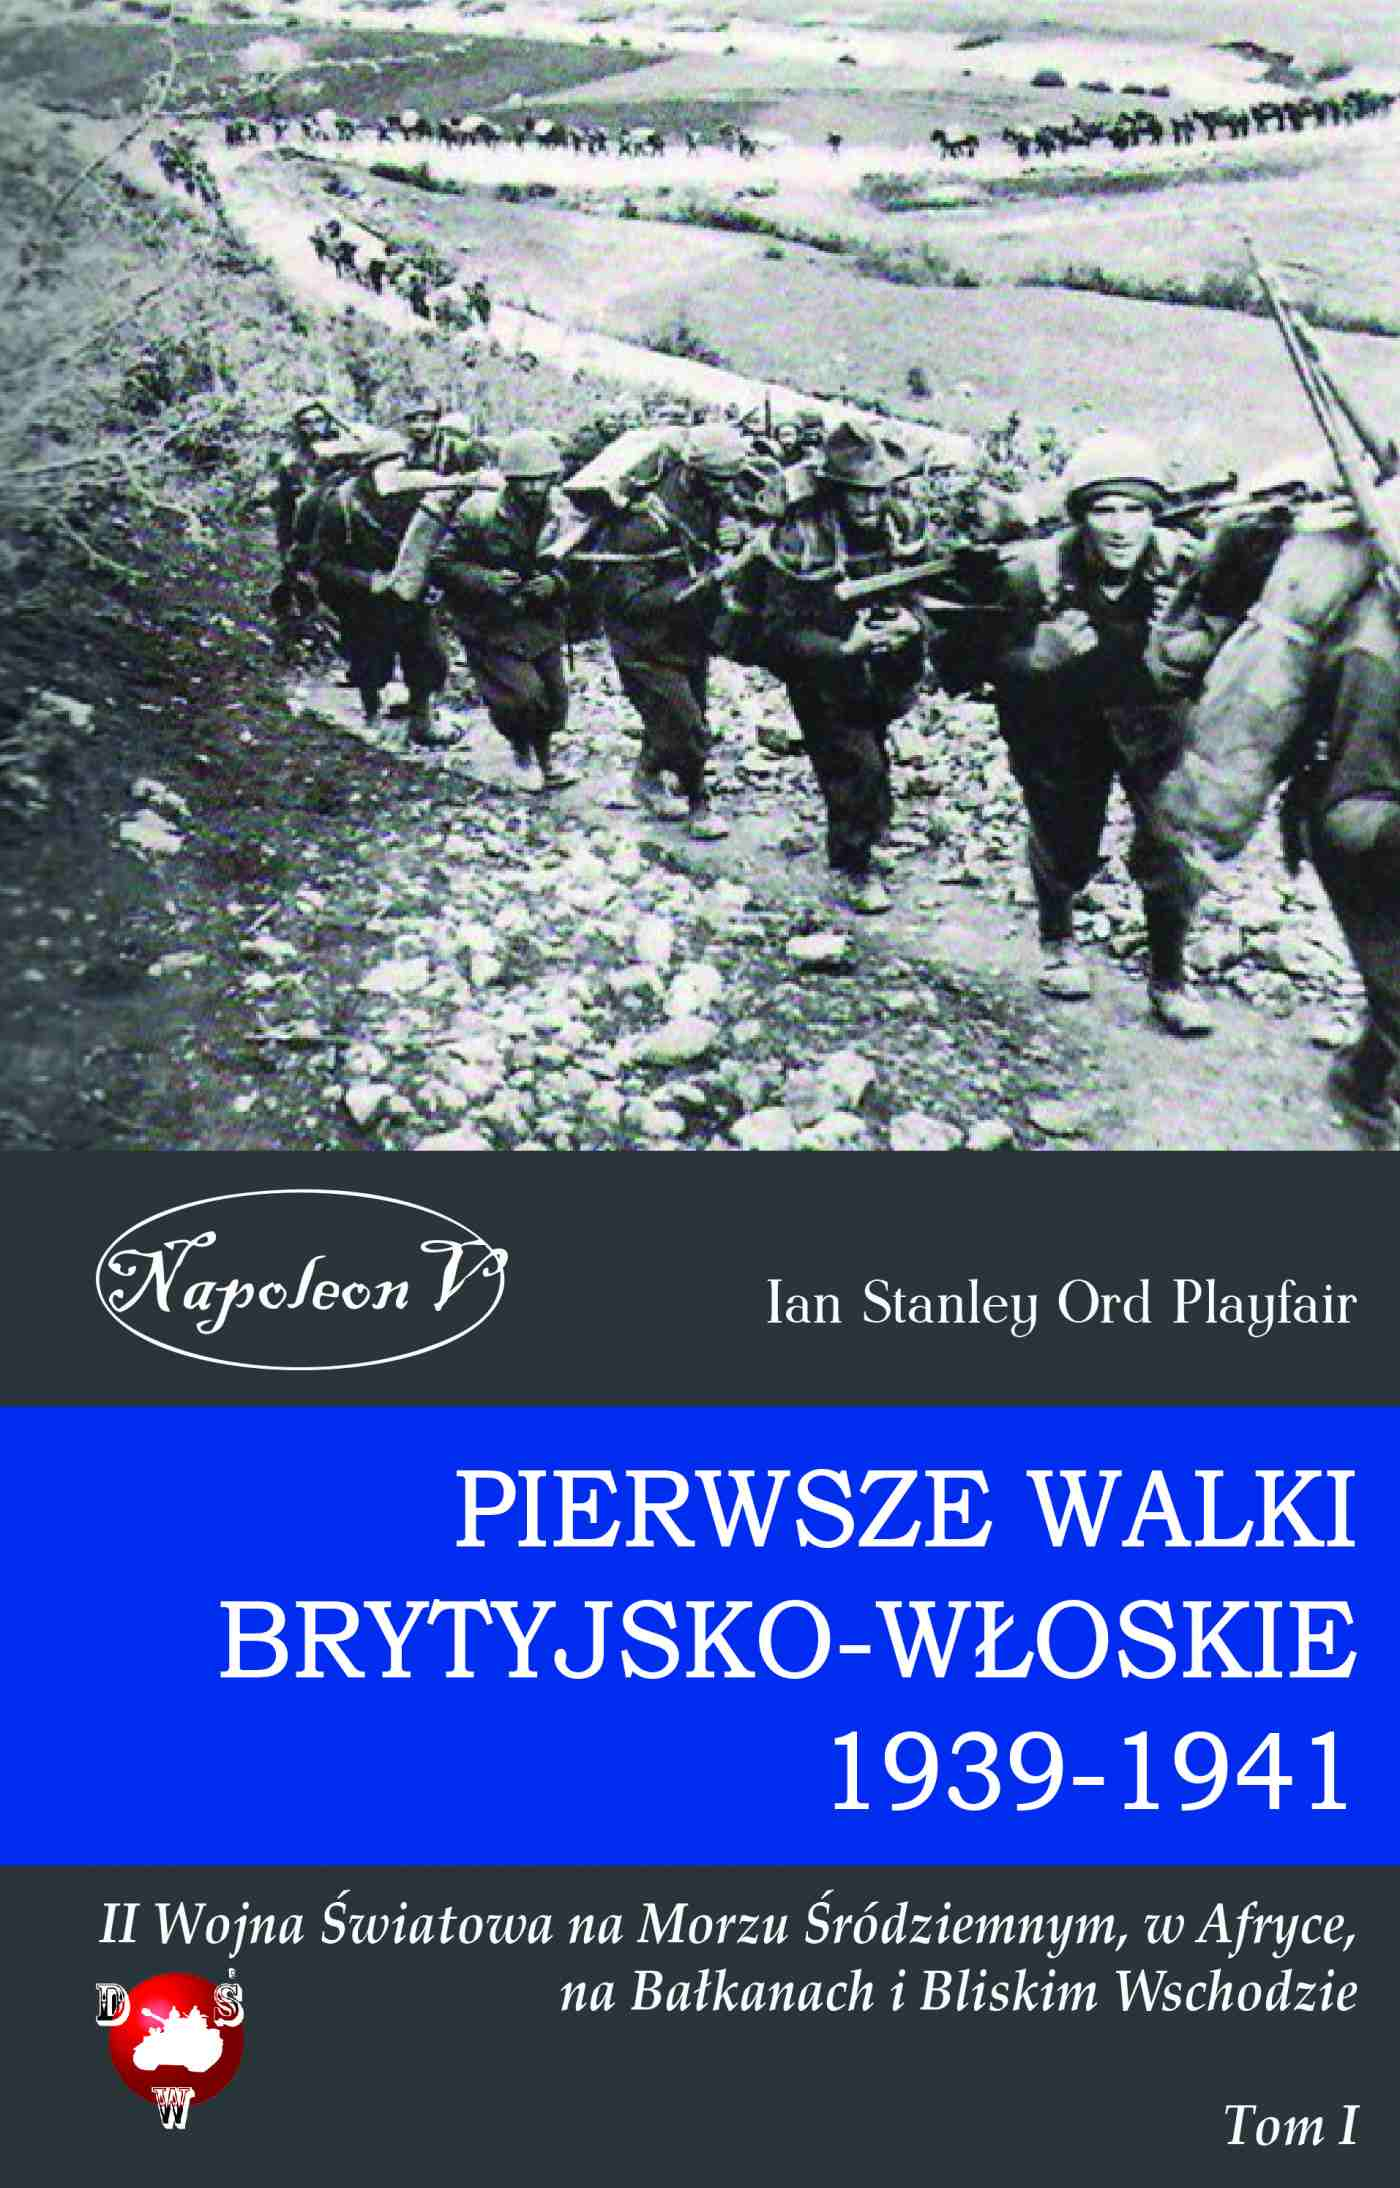 Pierwsze walki brytyjsko-włoskie 1939-1941. Tom I - Ebook (Książka na Kindle) do pobrania w formacie MOBI